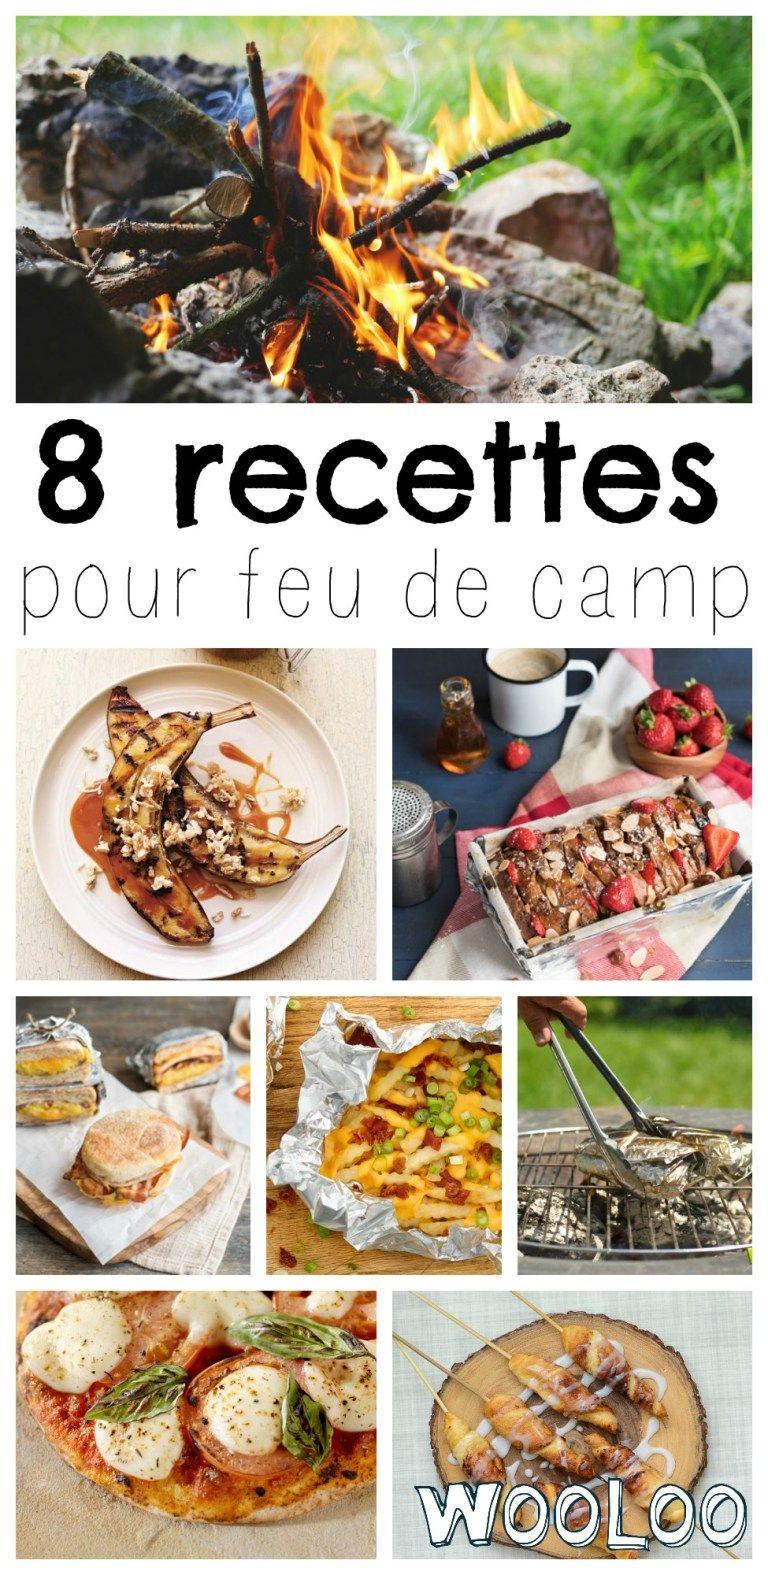 8 recettes gourmandes à cuisiner sur un feu de camp   Recette camping, Repas camping et Feu de camp